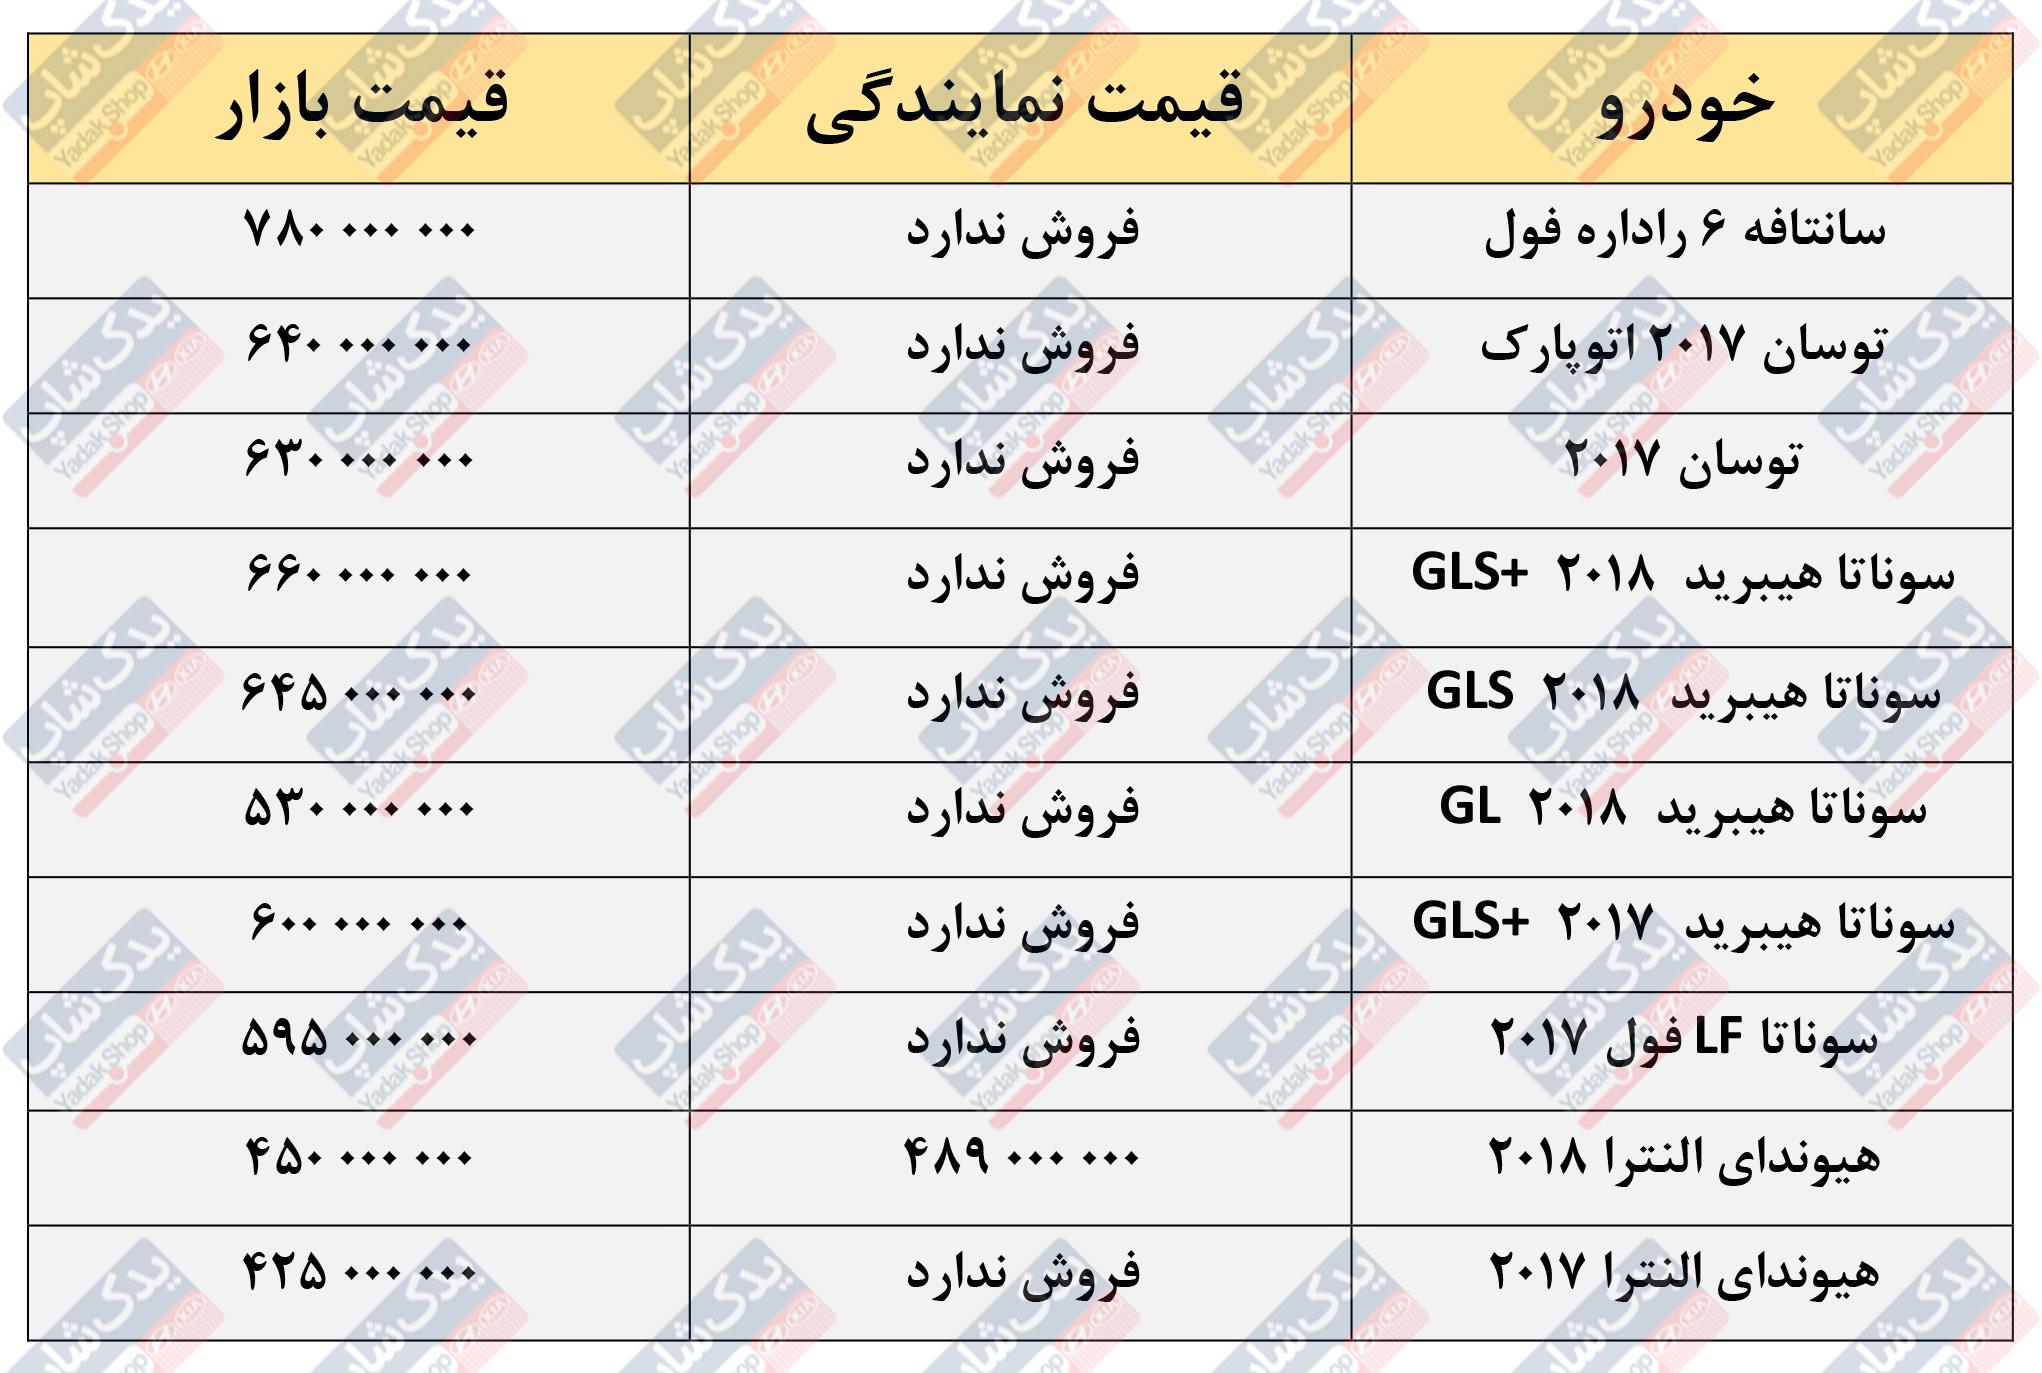 قیمت خودروهای هیوندای در بازار تهران